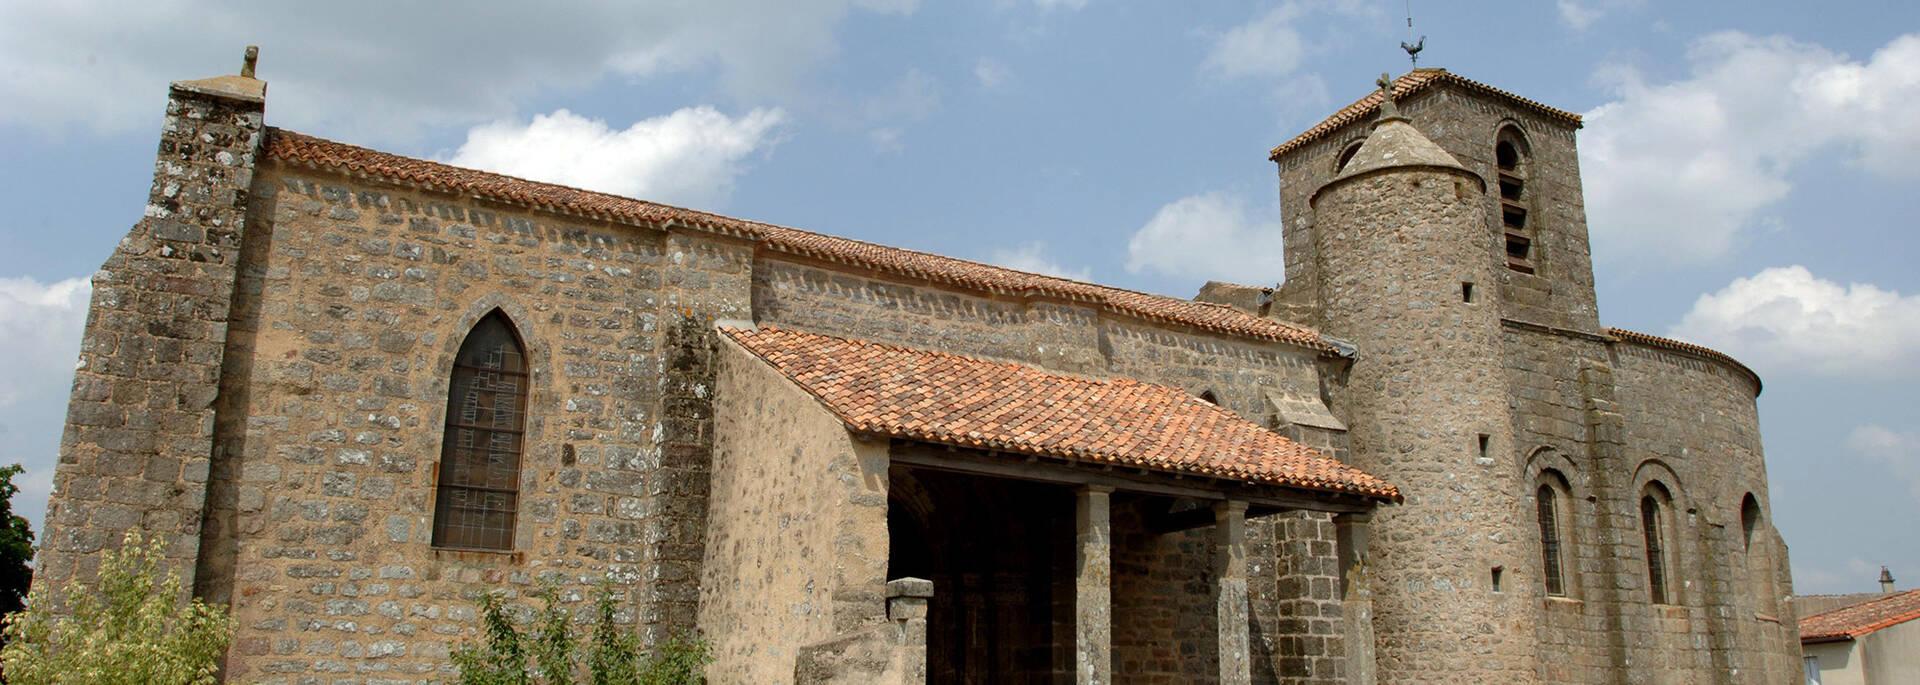 Eglise de Saint Sauveur-de-givre-en-mai - Journées du Patrimoine en Bocage Bressuirais